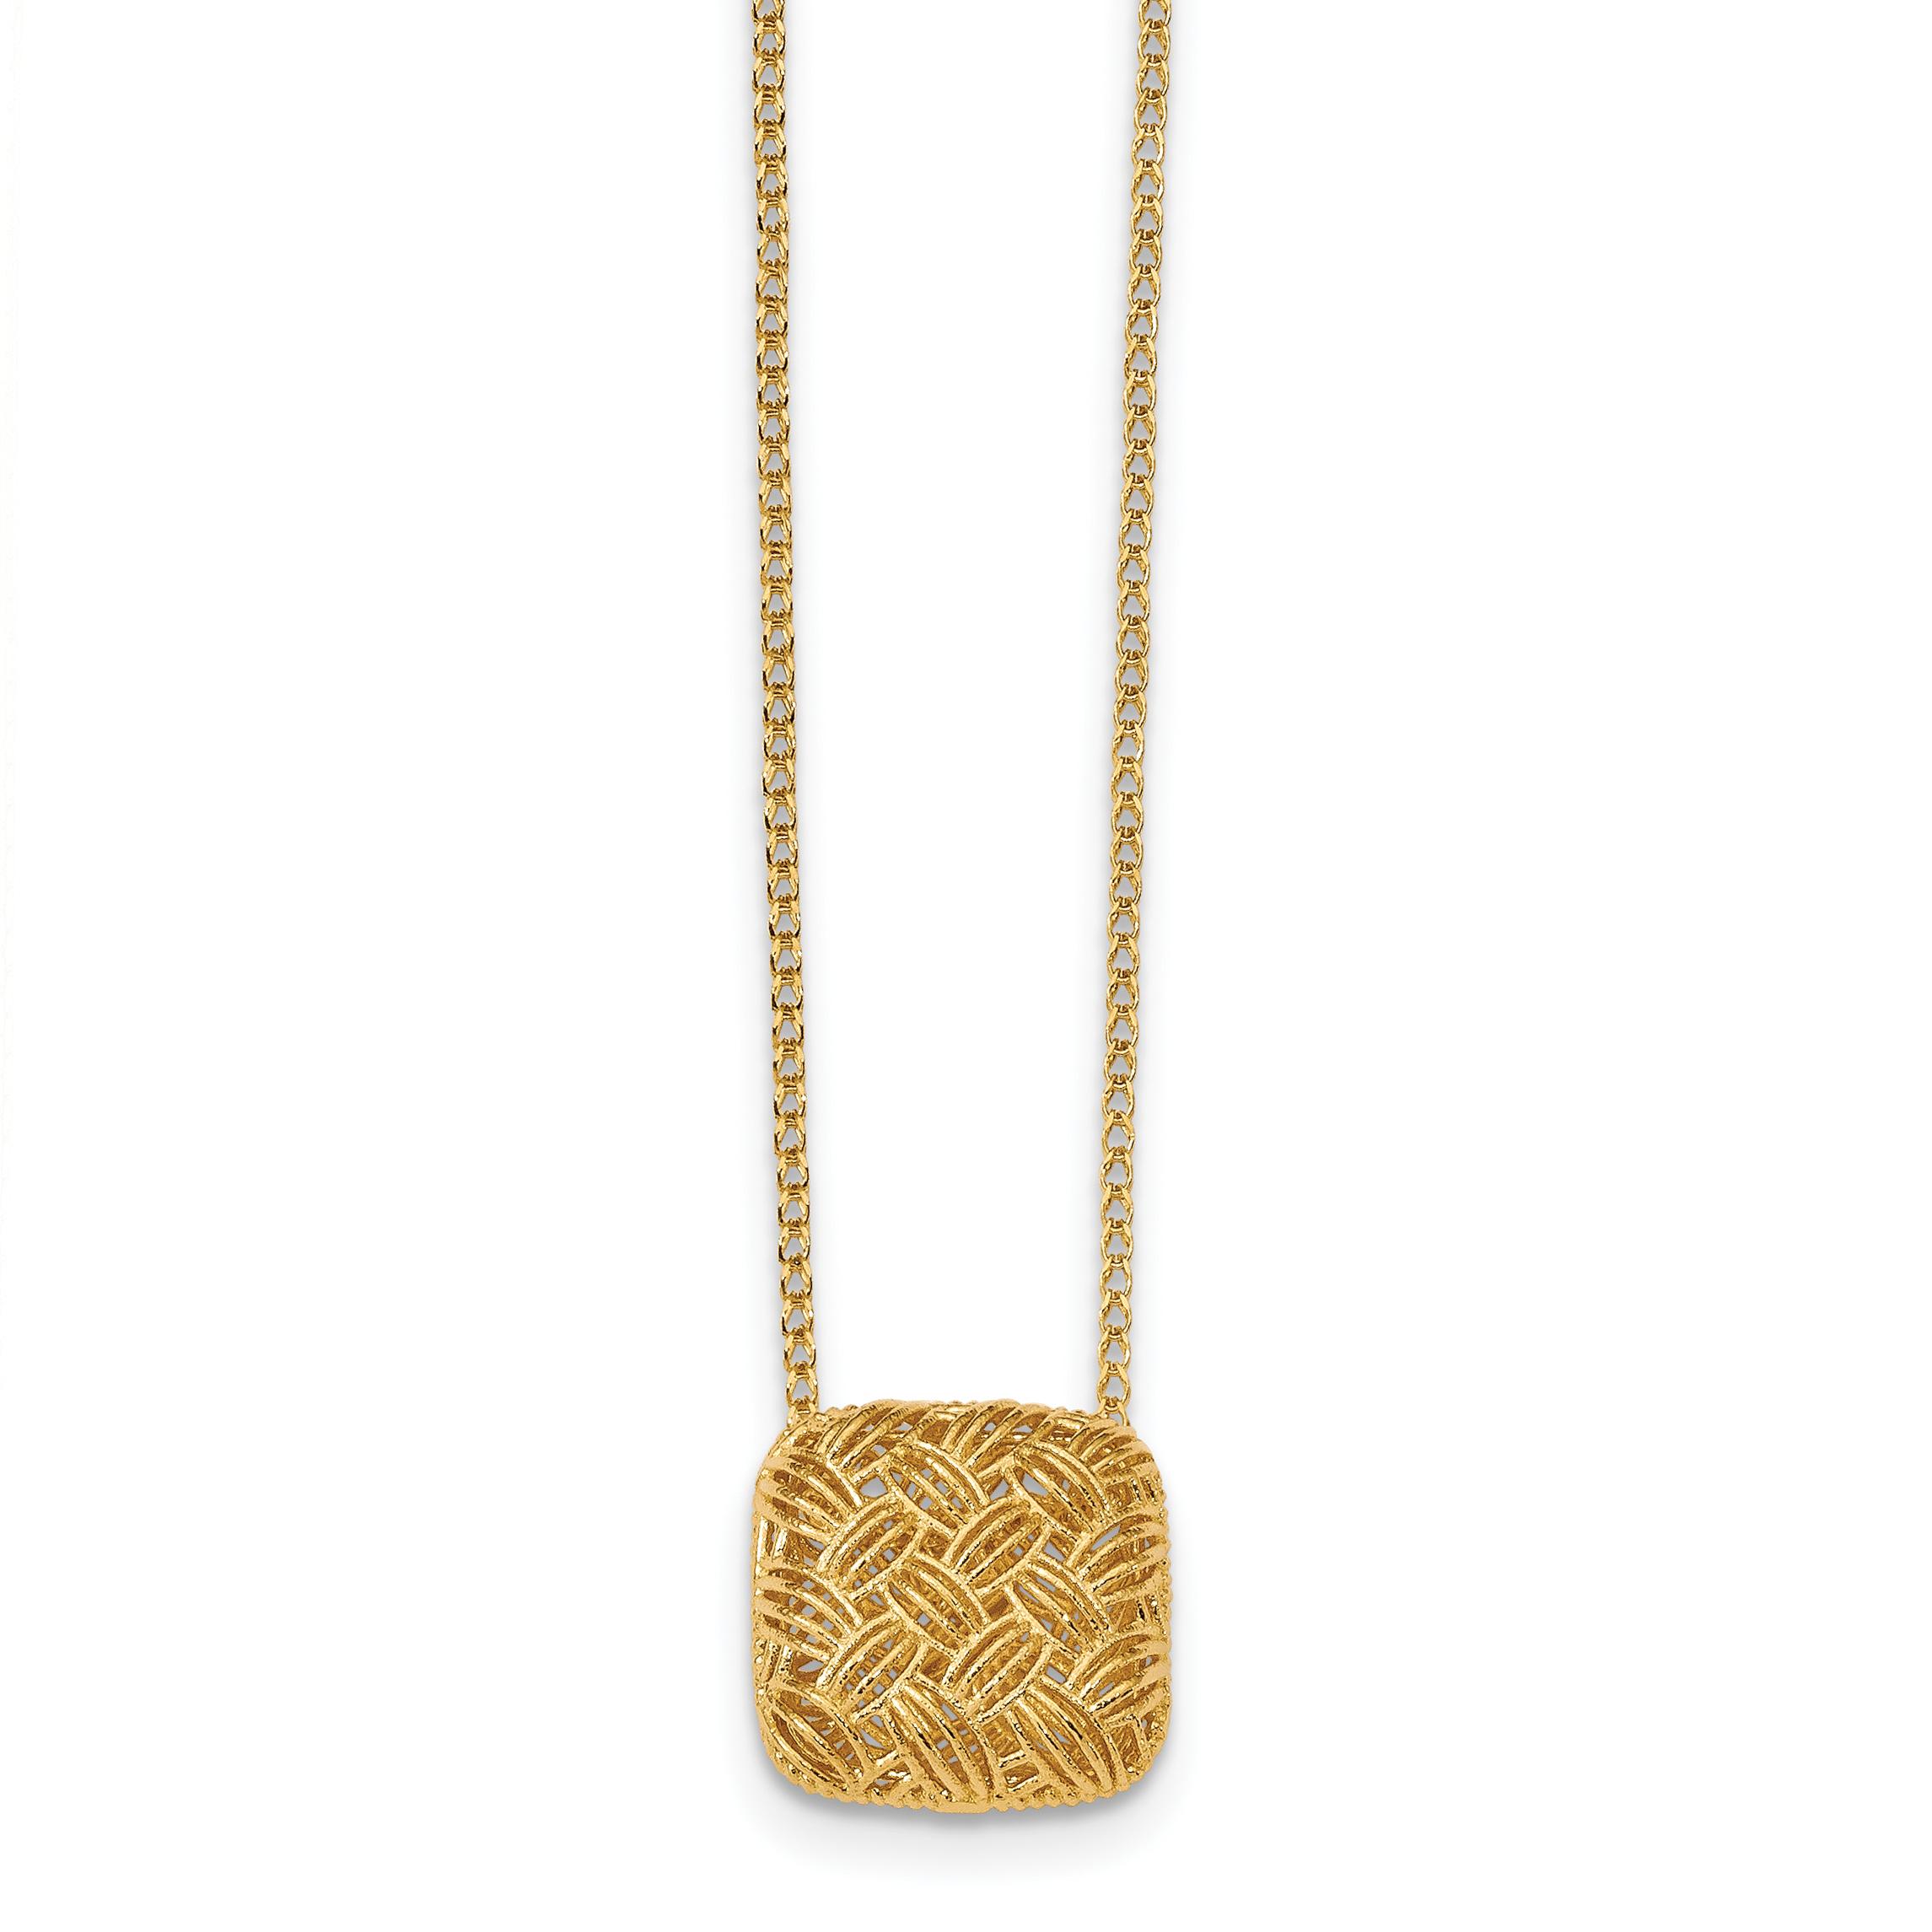 Leslie's 14K Polished Square Necklace